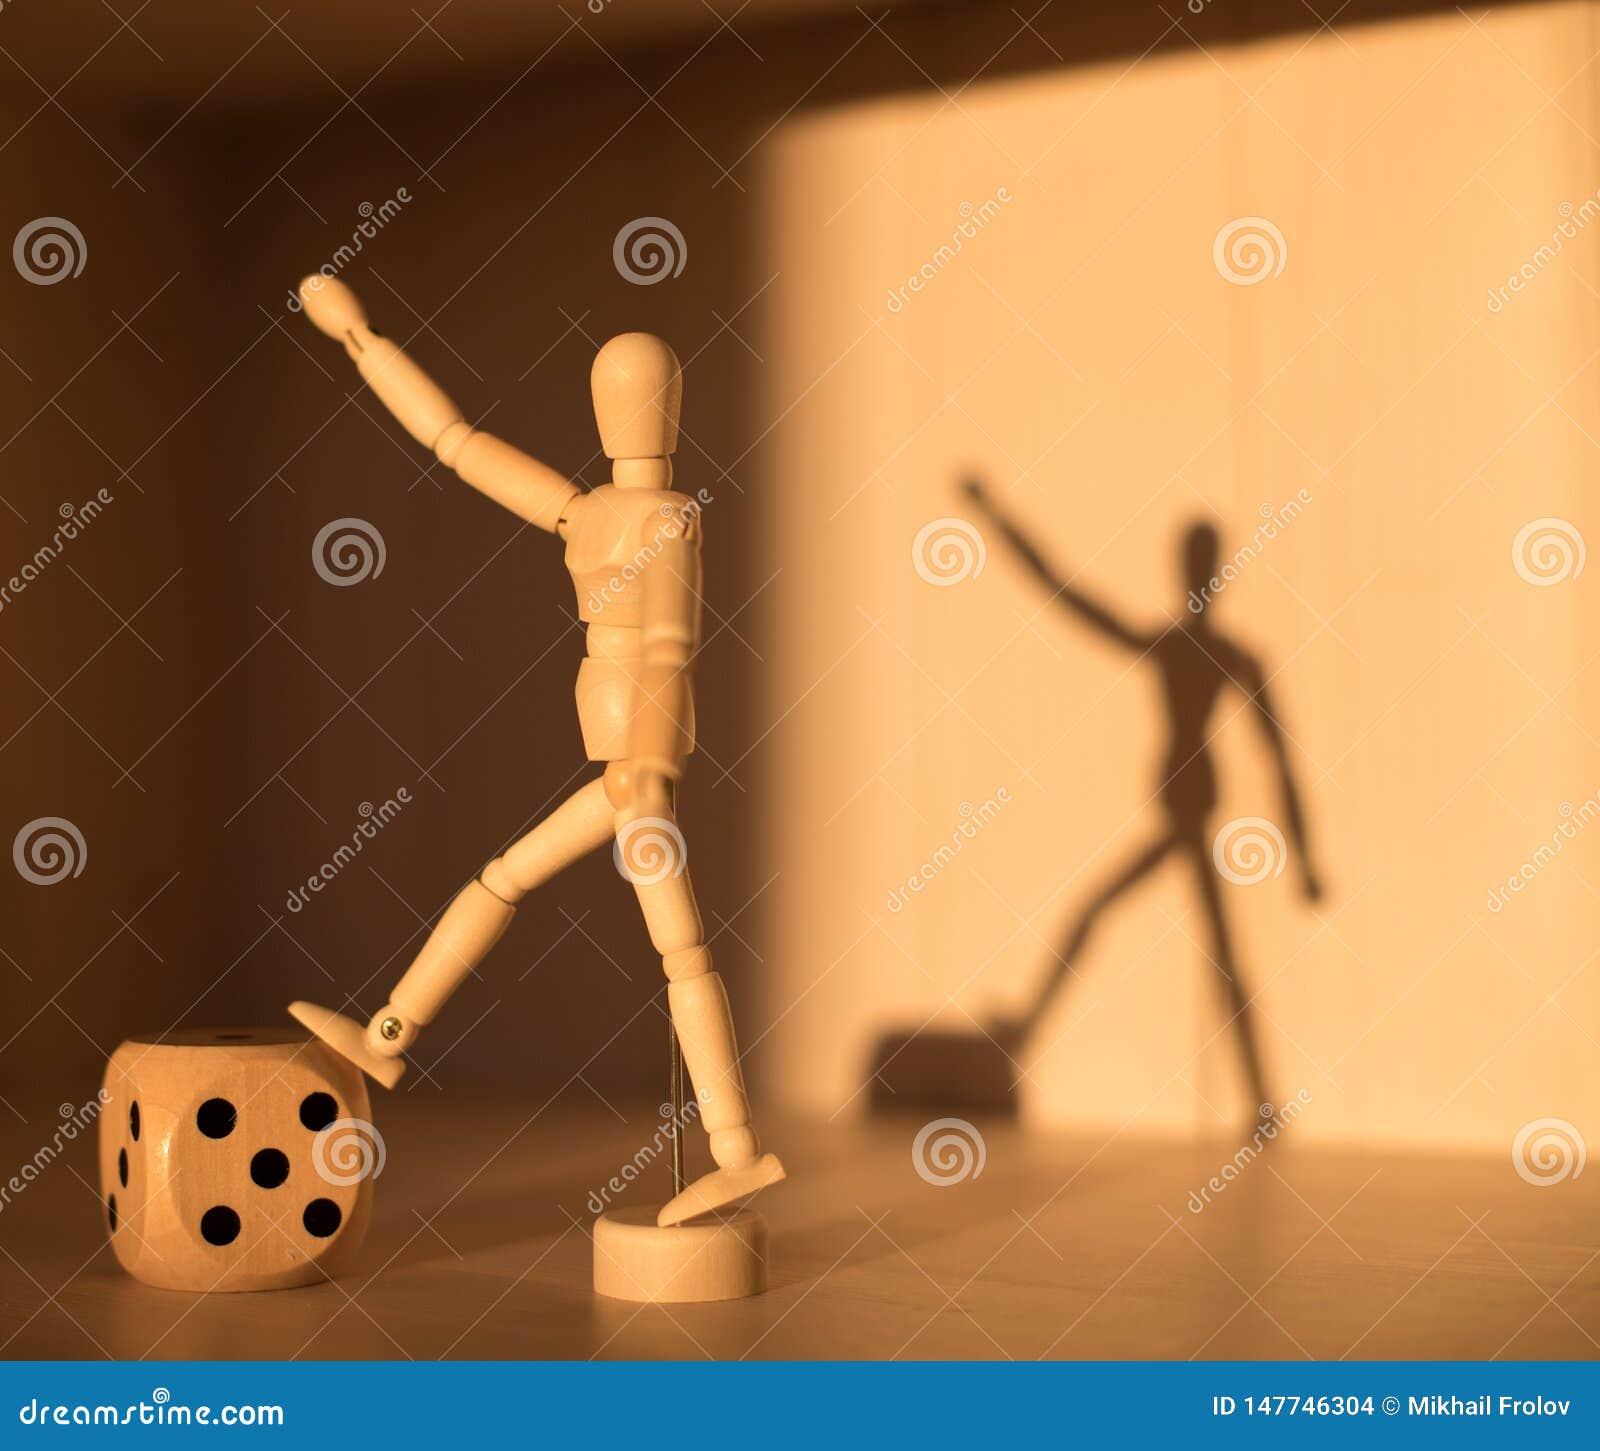 Drewniane kostki do gry sze?cian i m??czyzna ciska cie? ?ycie ci?gle konceptualny Abstrakcja zwyci?stwo